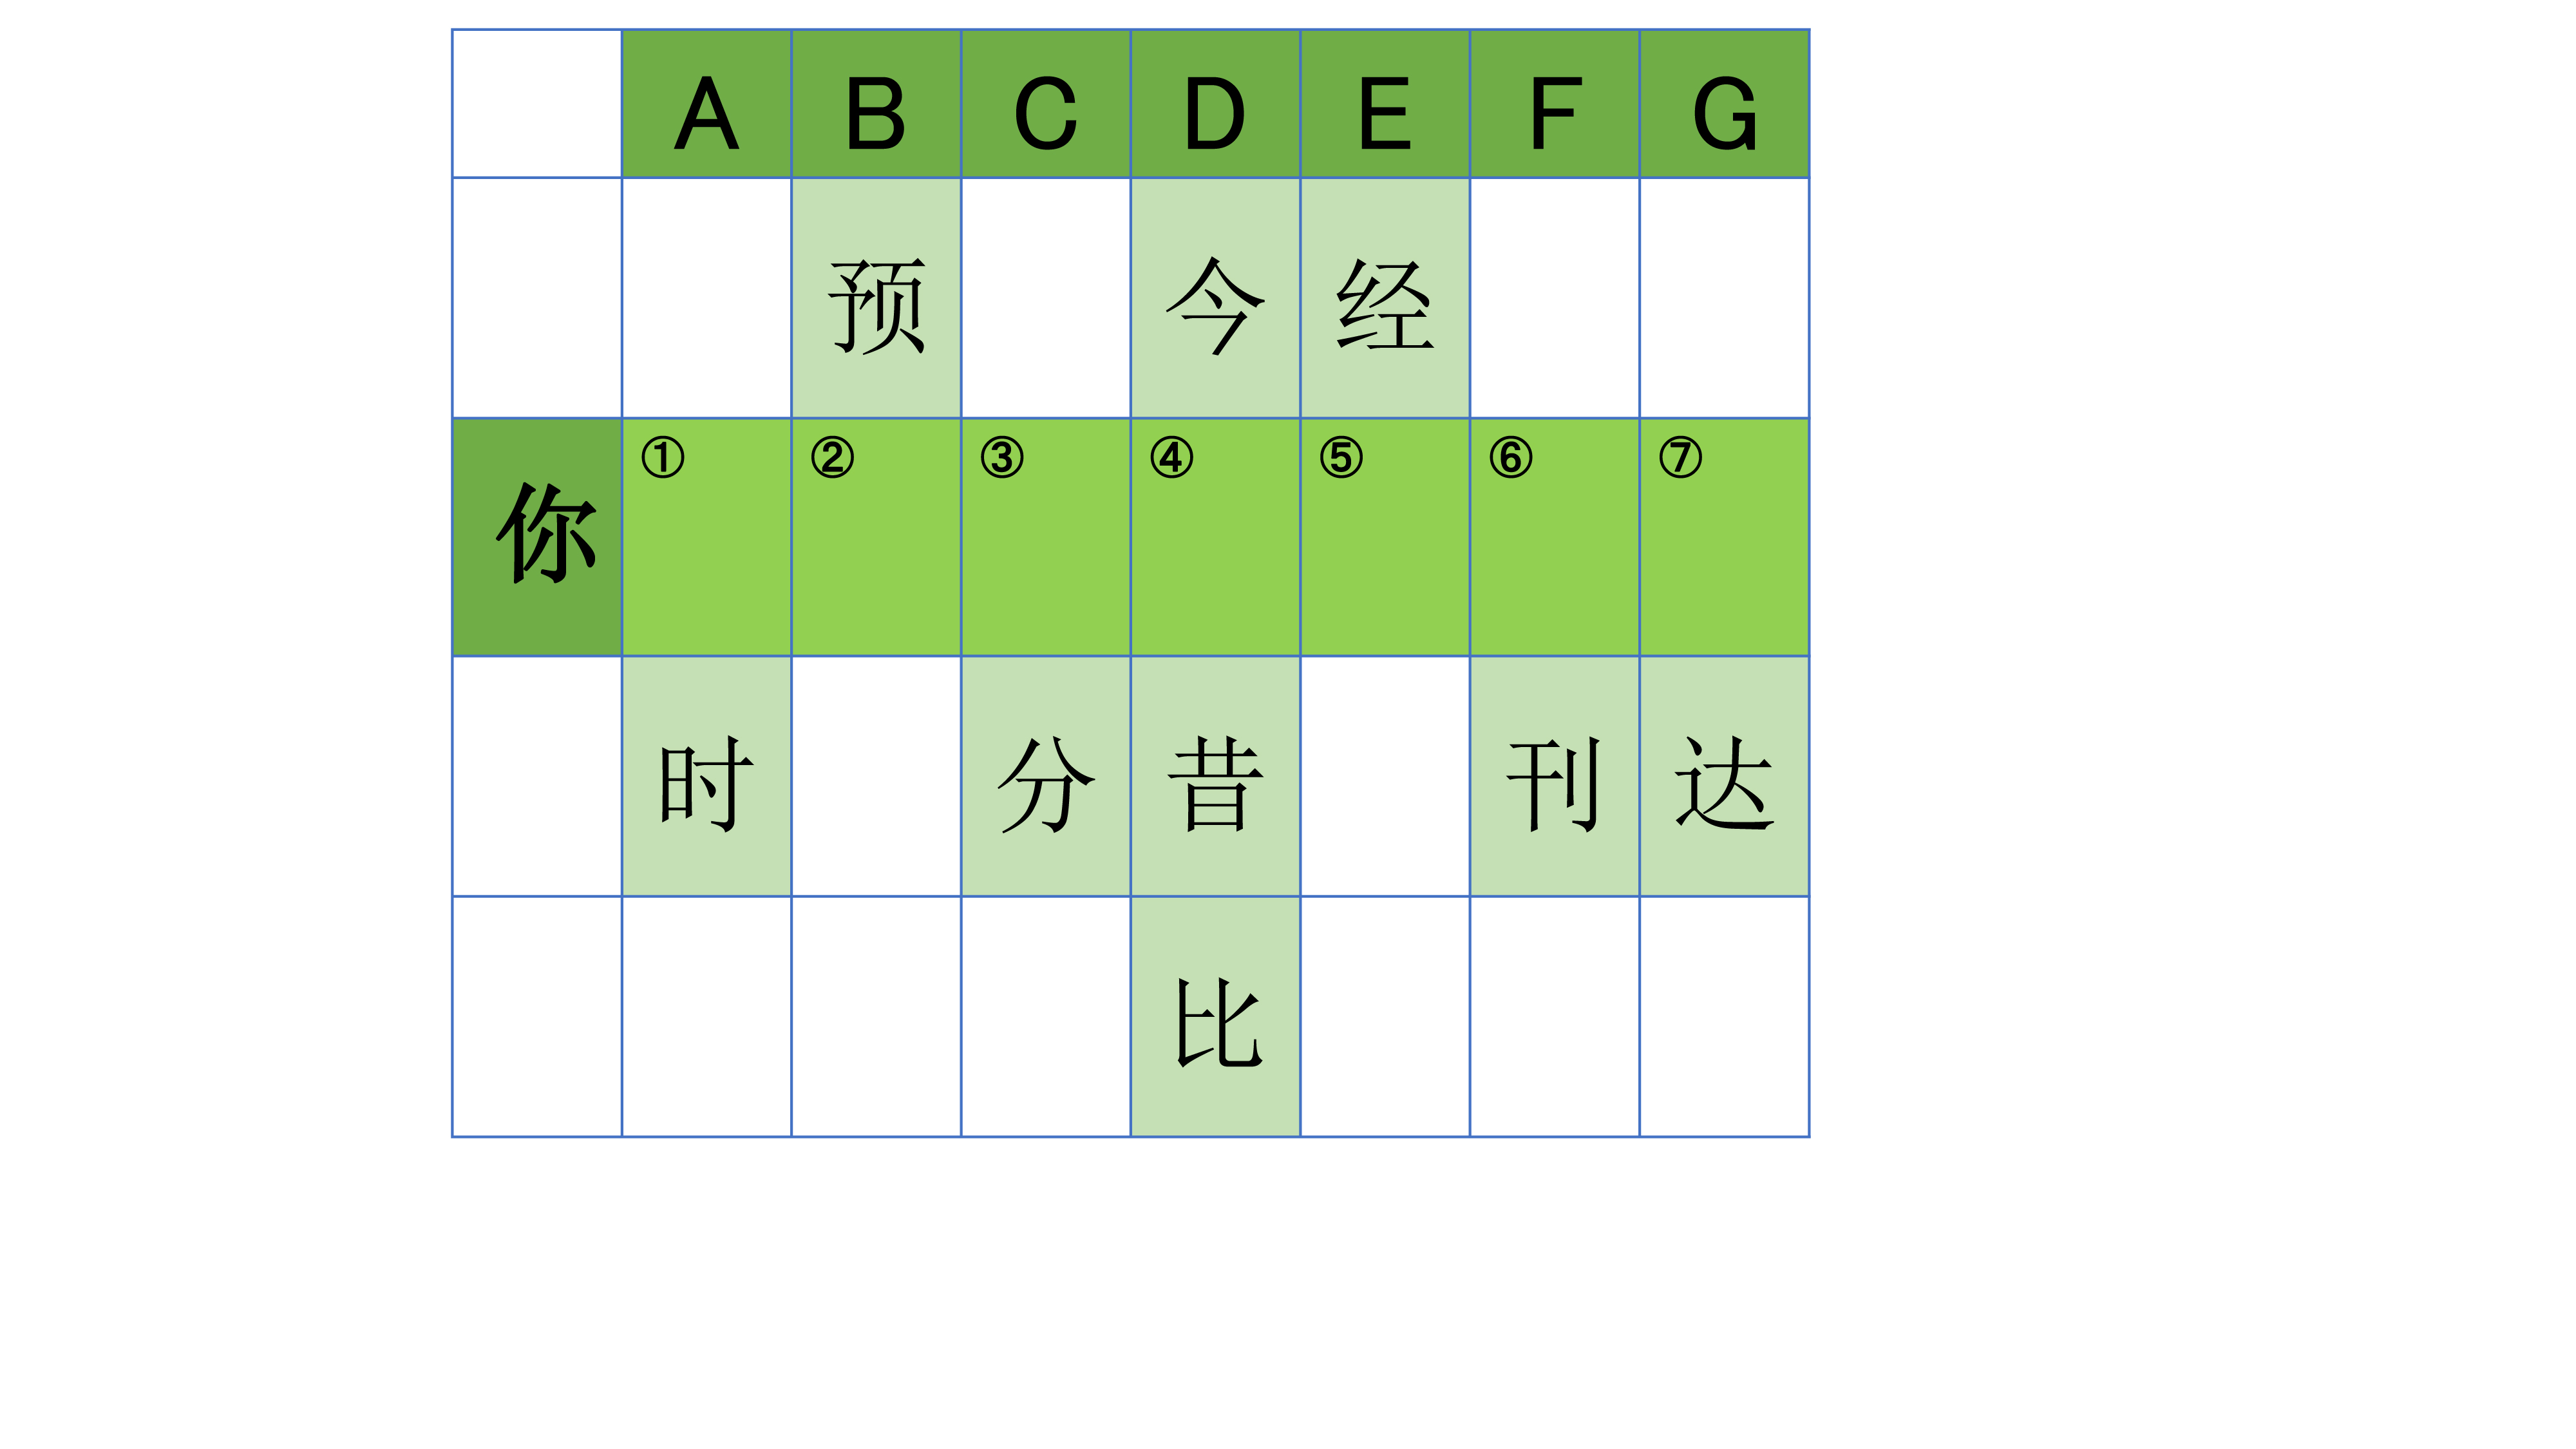 中国語でワードパズル チャイトレ 第5回 駿河台出版社